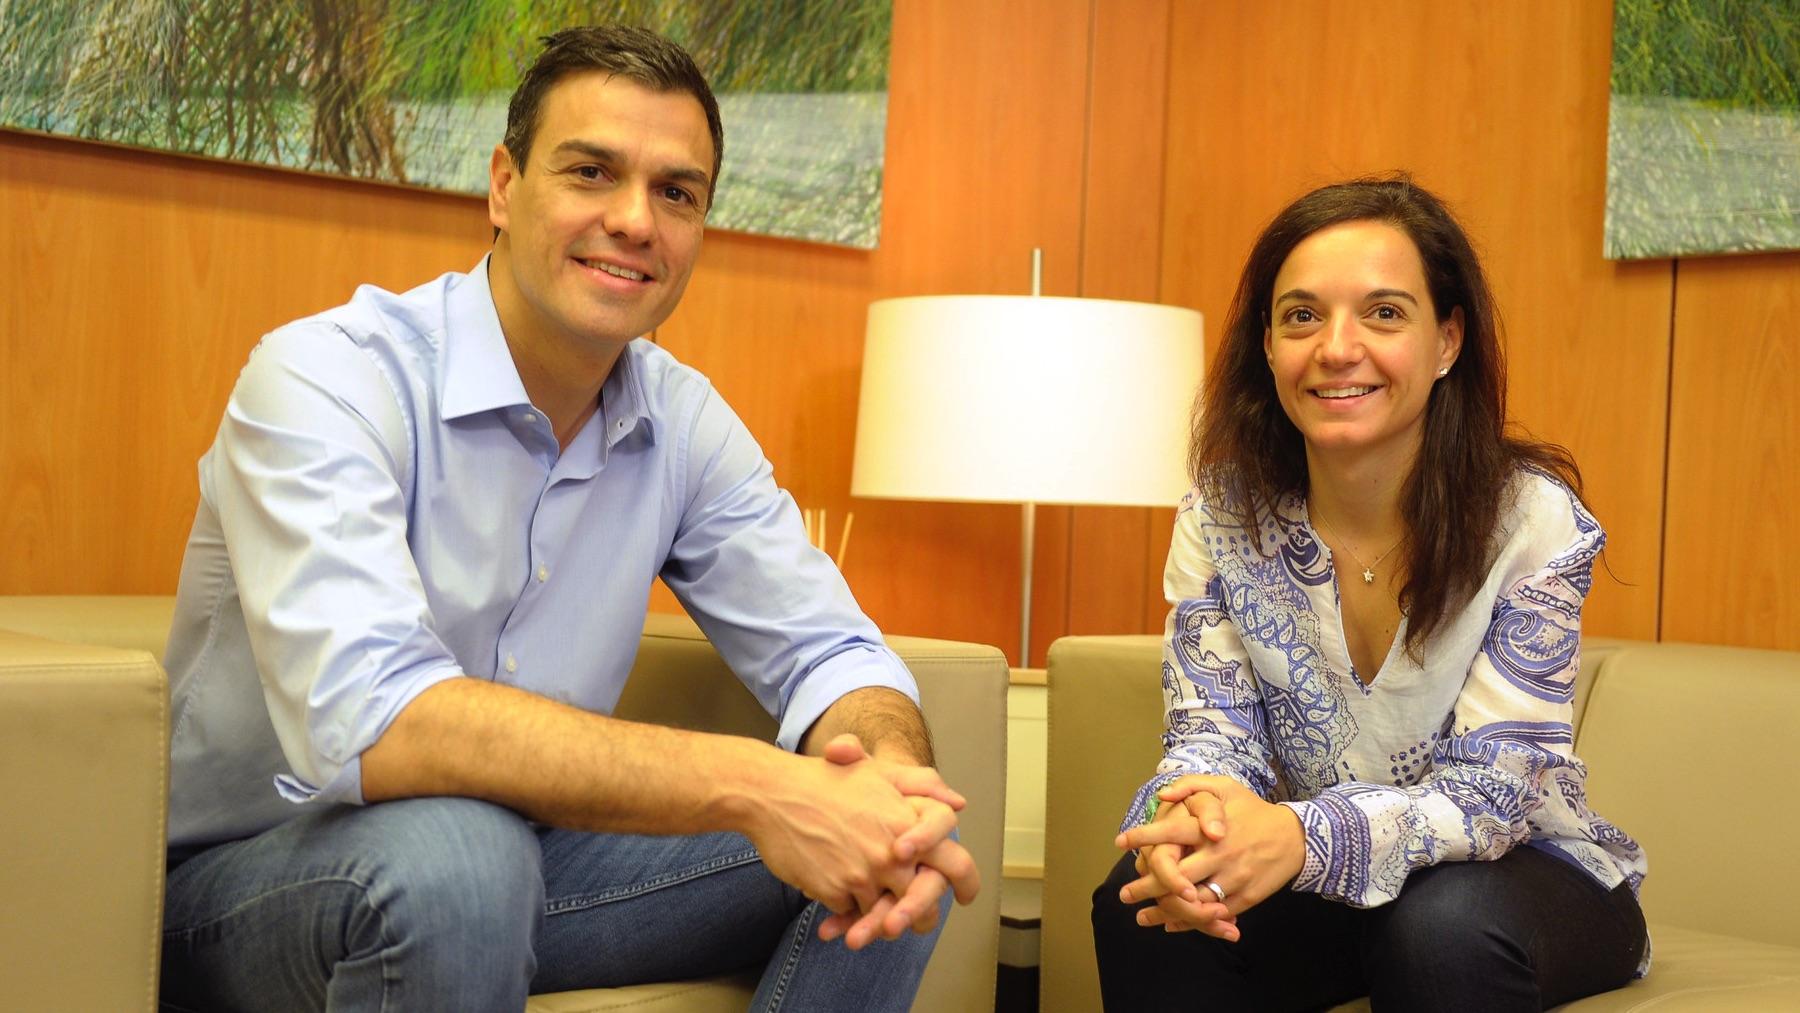 Pedro Sánchez y Sara Hernández en imagen de archivo. (Foto: PSOE)